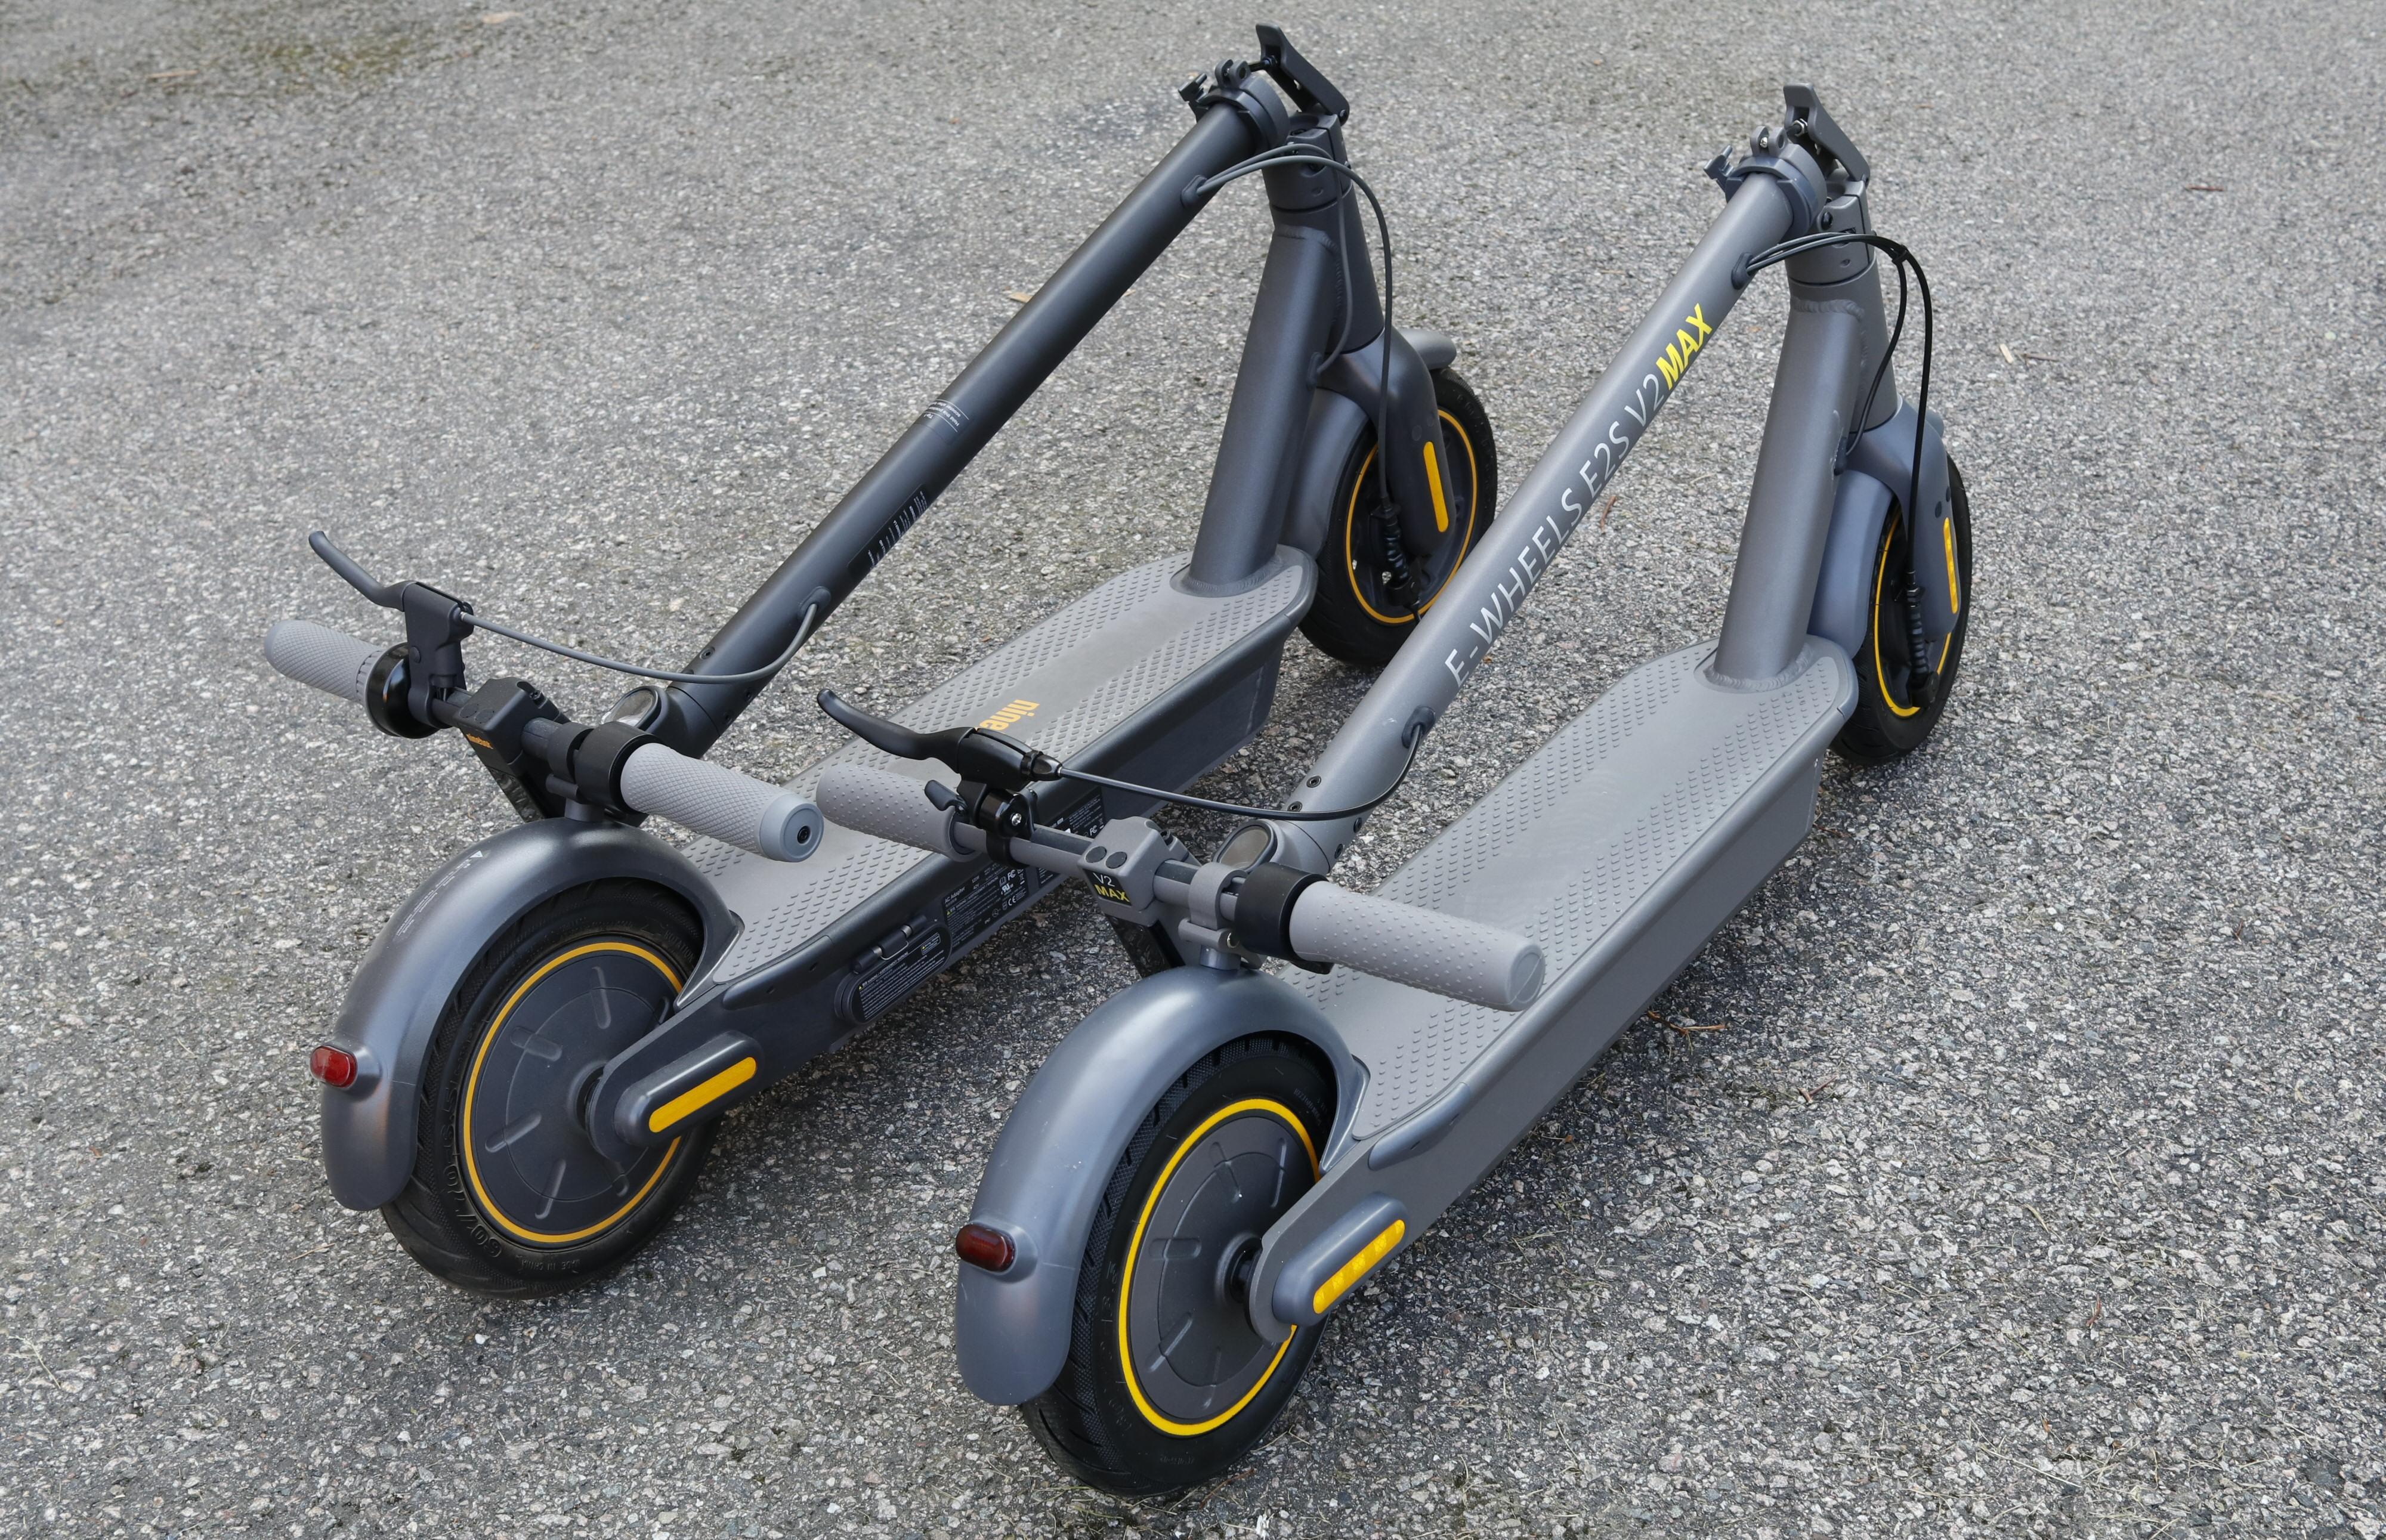 Ganske så like: Ninebot KickScooter Max G30 og E-wheels E2S V2 Max. Men kun Nineboten har innebygd batterilader.